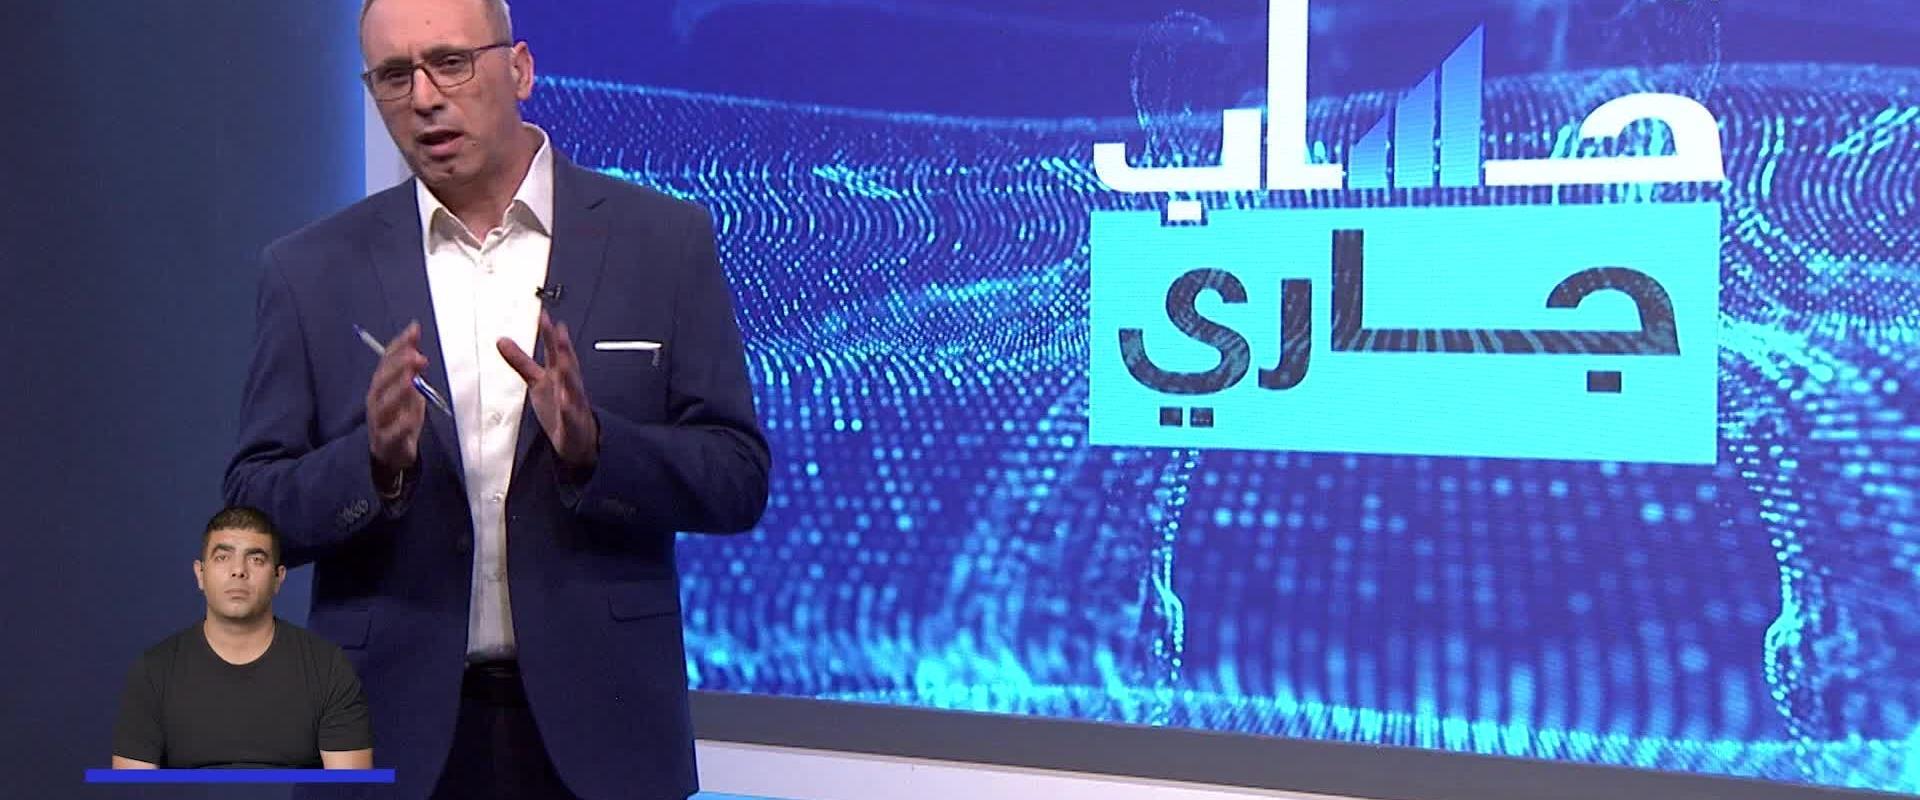 حساب جاري مع نبيل أرملي | الحلقة 15